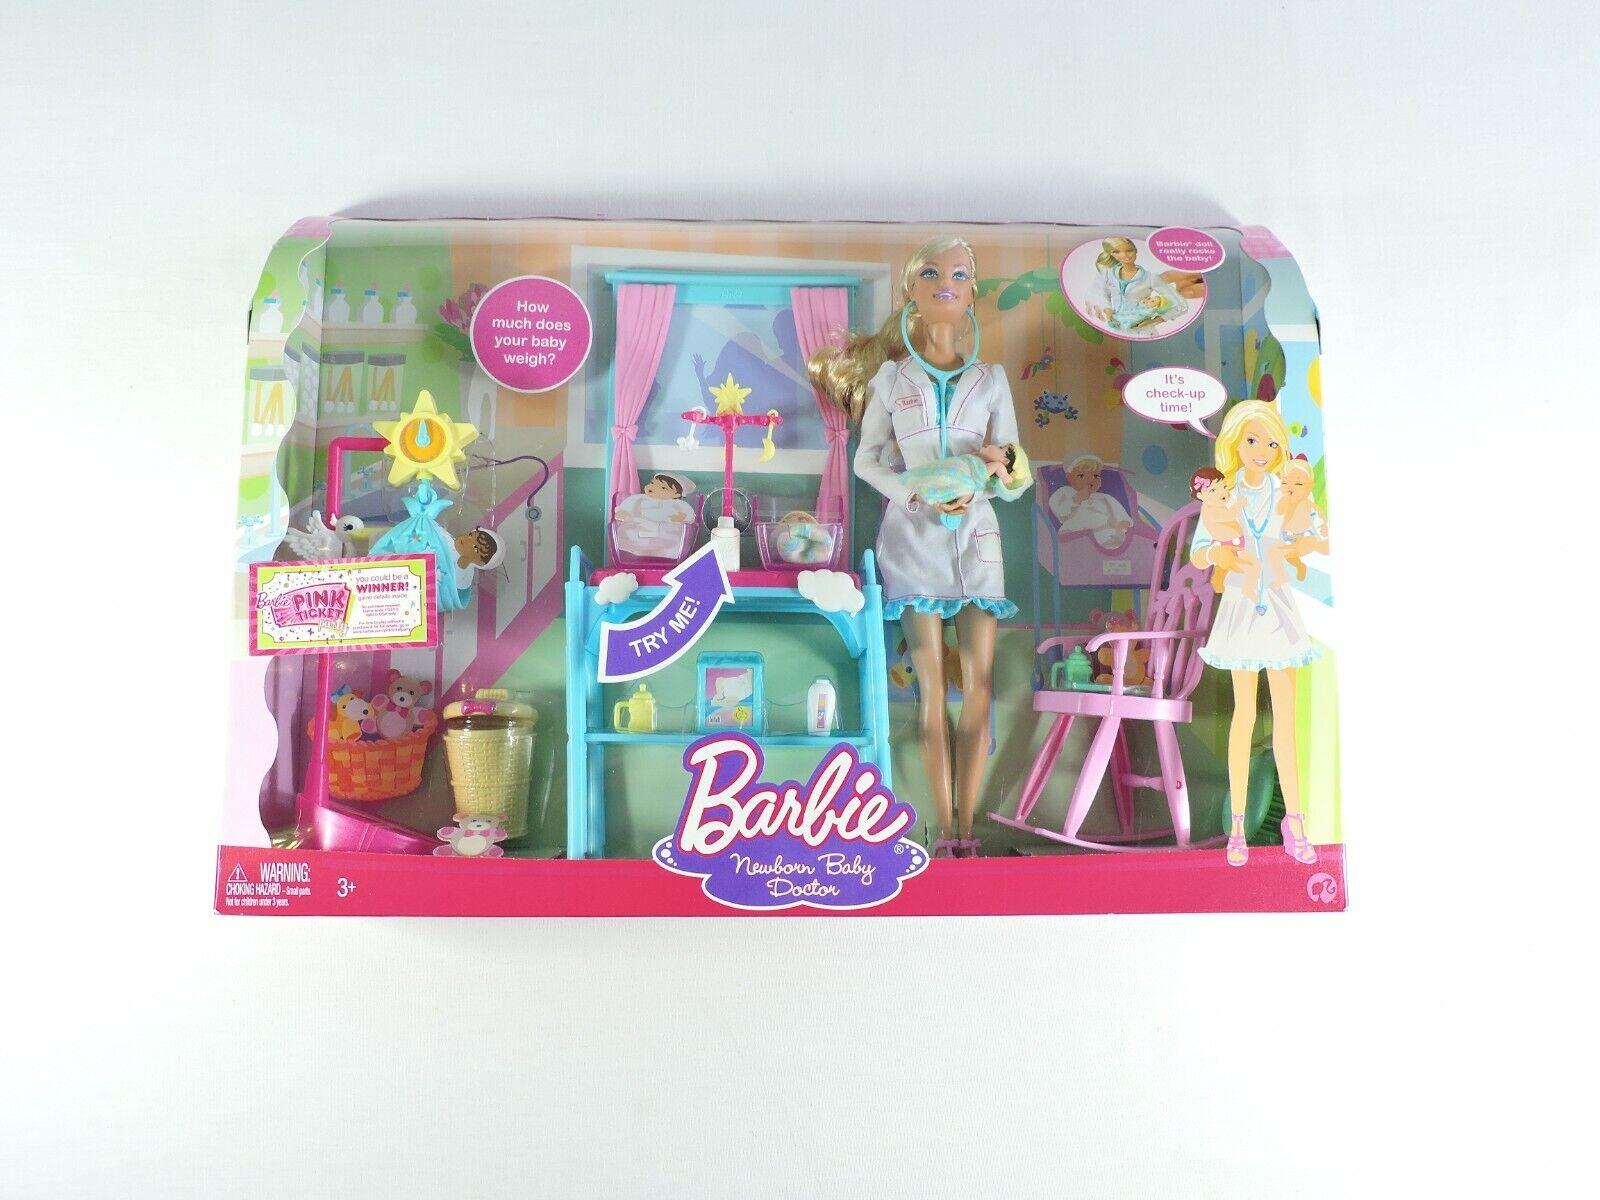 Barbie Bebé recién nacido médico Deluxe Set 2 bebés 2008 Mattel puedo ser.. Sellado uo